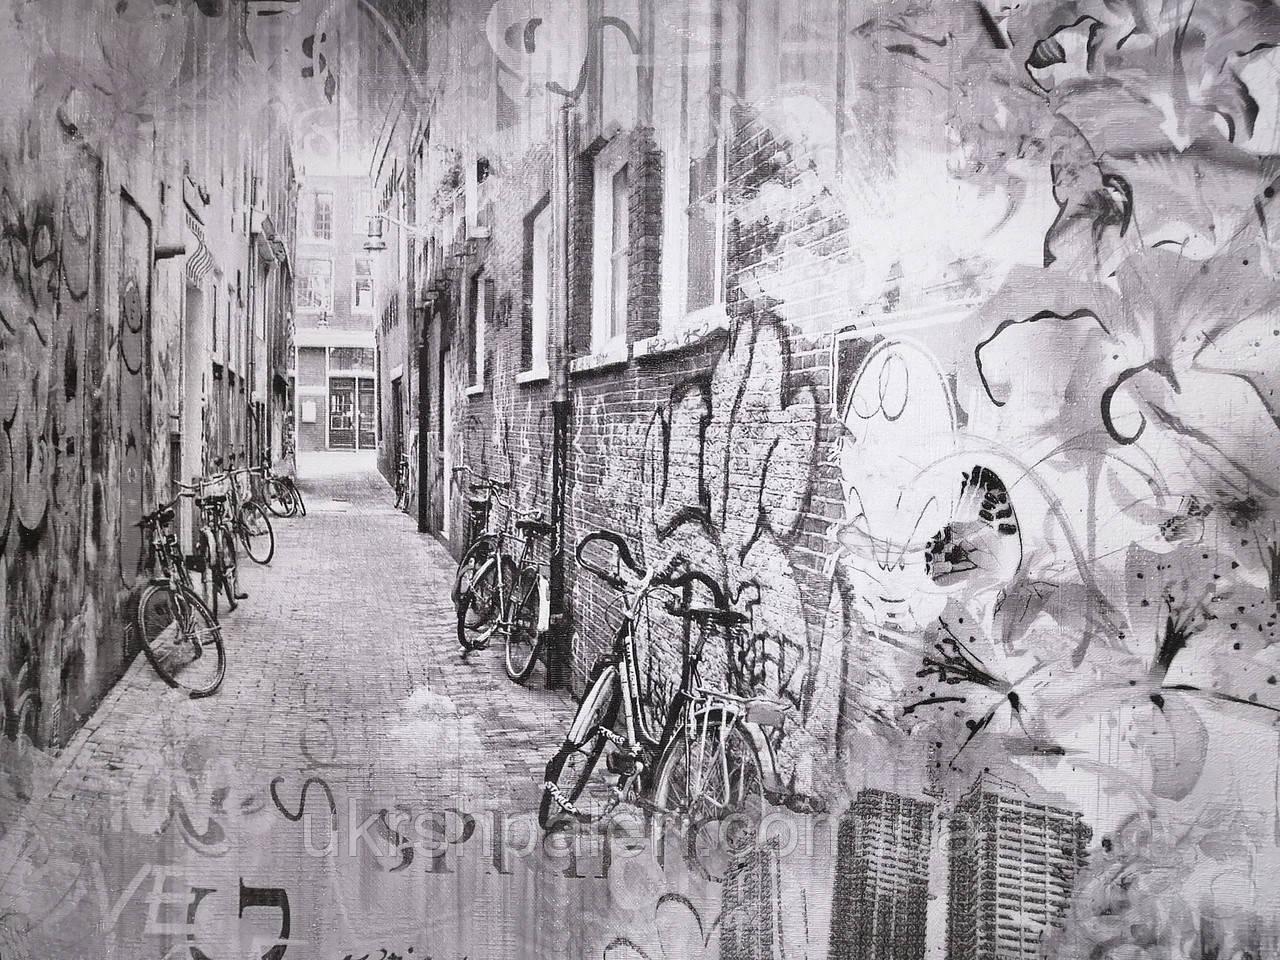 Обои Амстердам 504-10 винил горячего тиснения,ширина 1.06,в рулоне 5 полос по 3 метра.